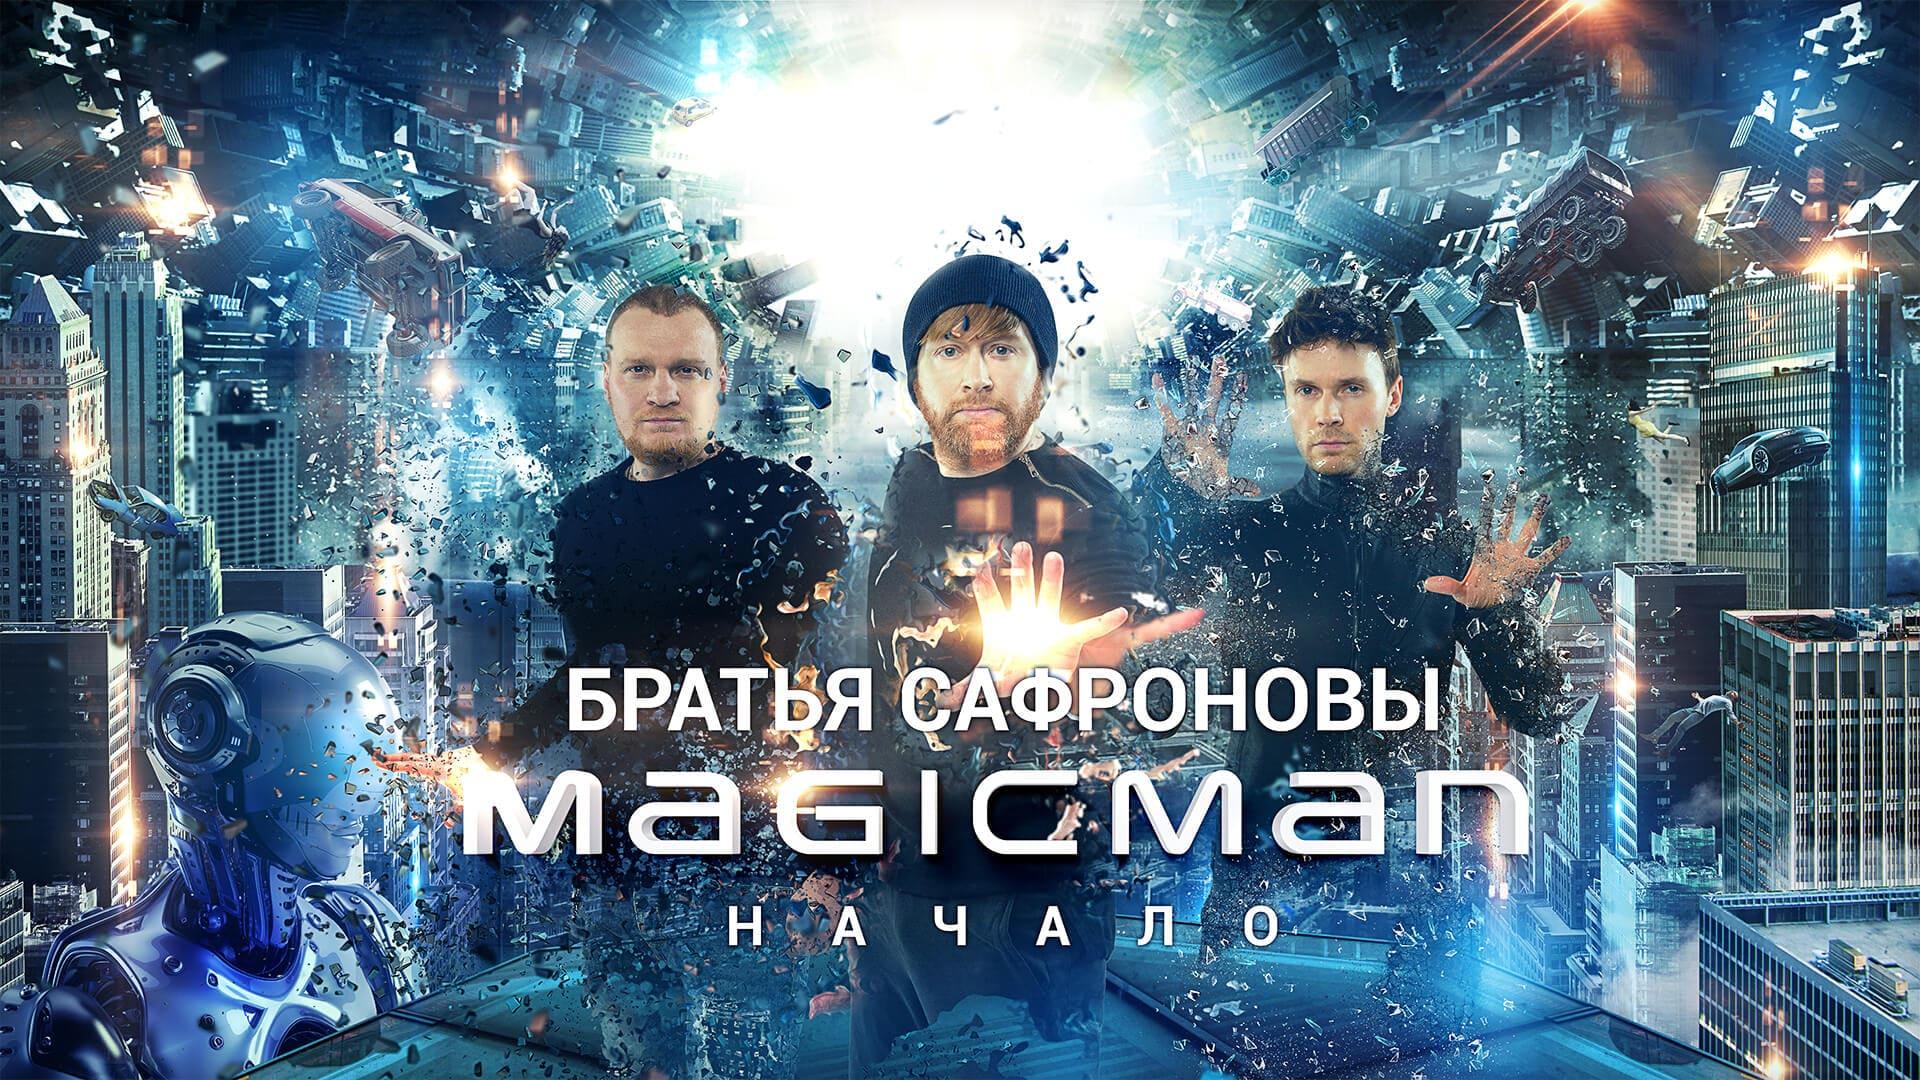 БРАТЬЯ САФРОНОВЫ MAGIC MAN - НАЧАЛО, фото